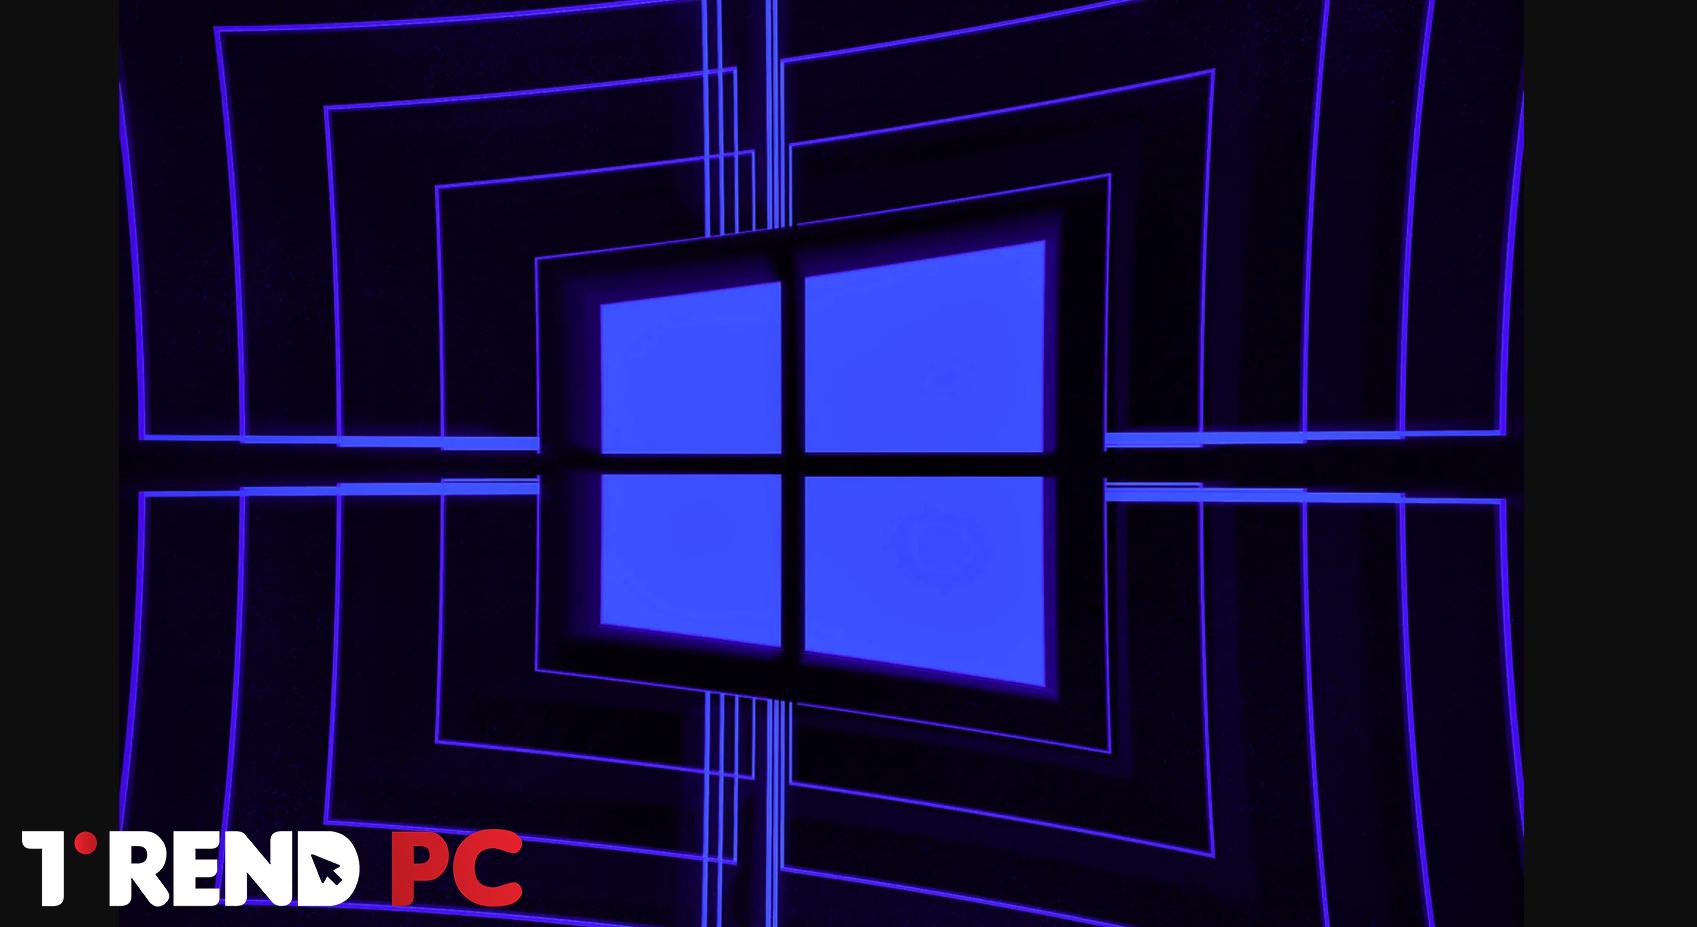 لا تفرض Microsoft متطلبات كبيرة للمعالج